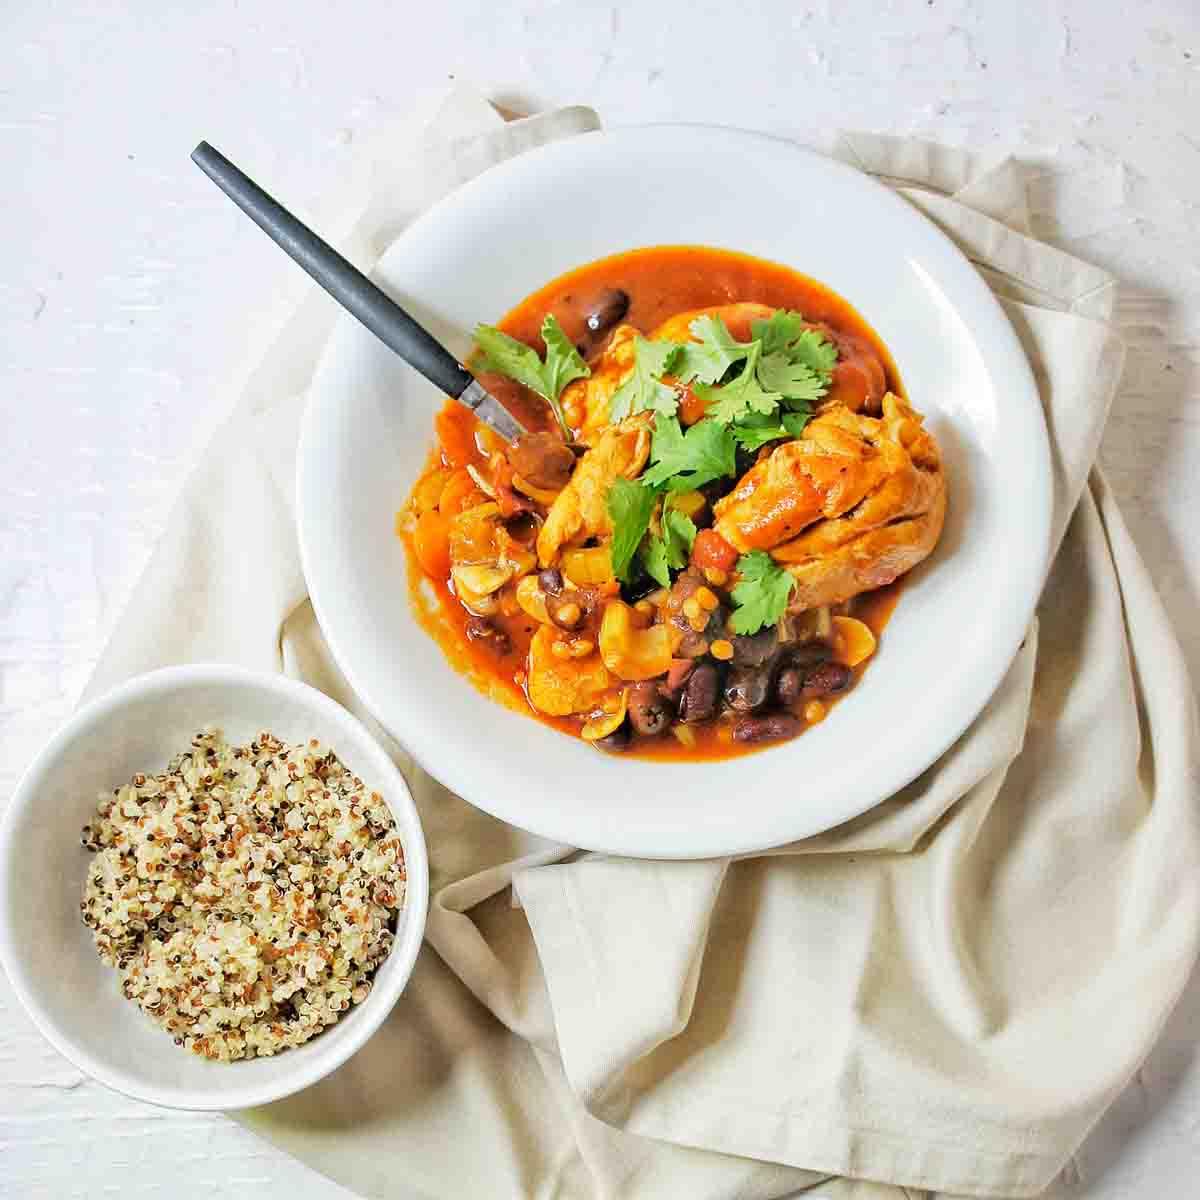 Chicken Cacciatore with quinoa in a small white side bowl